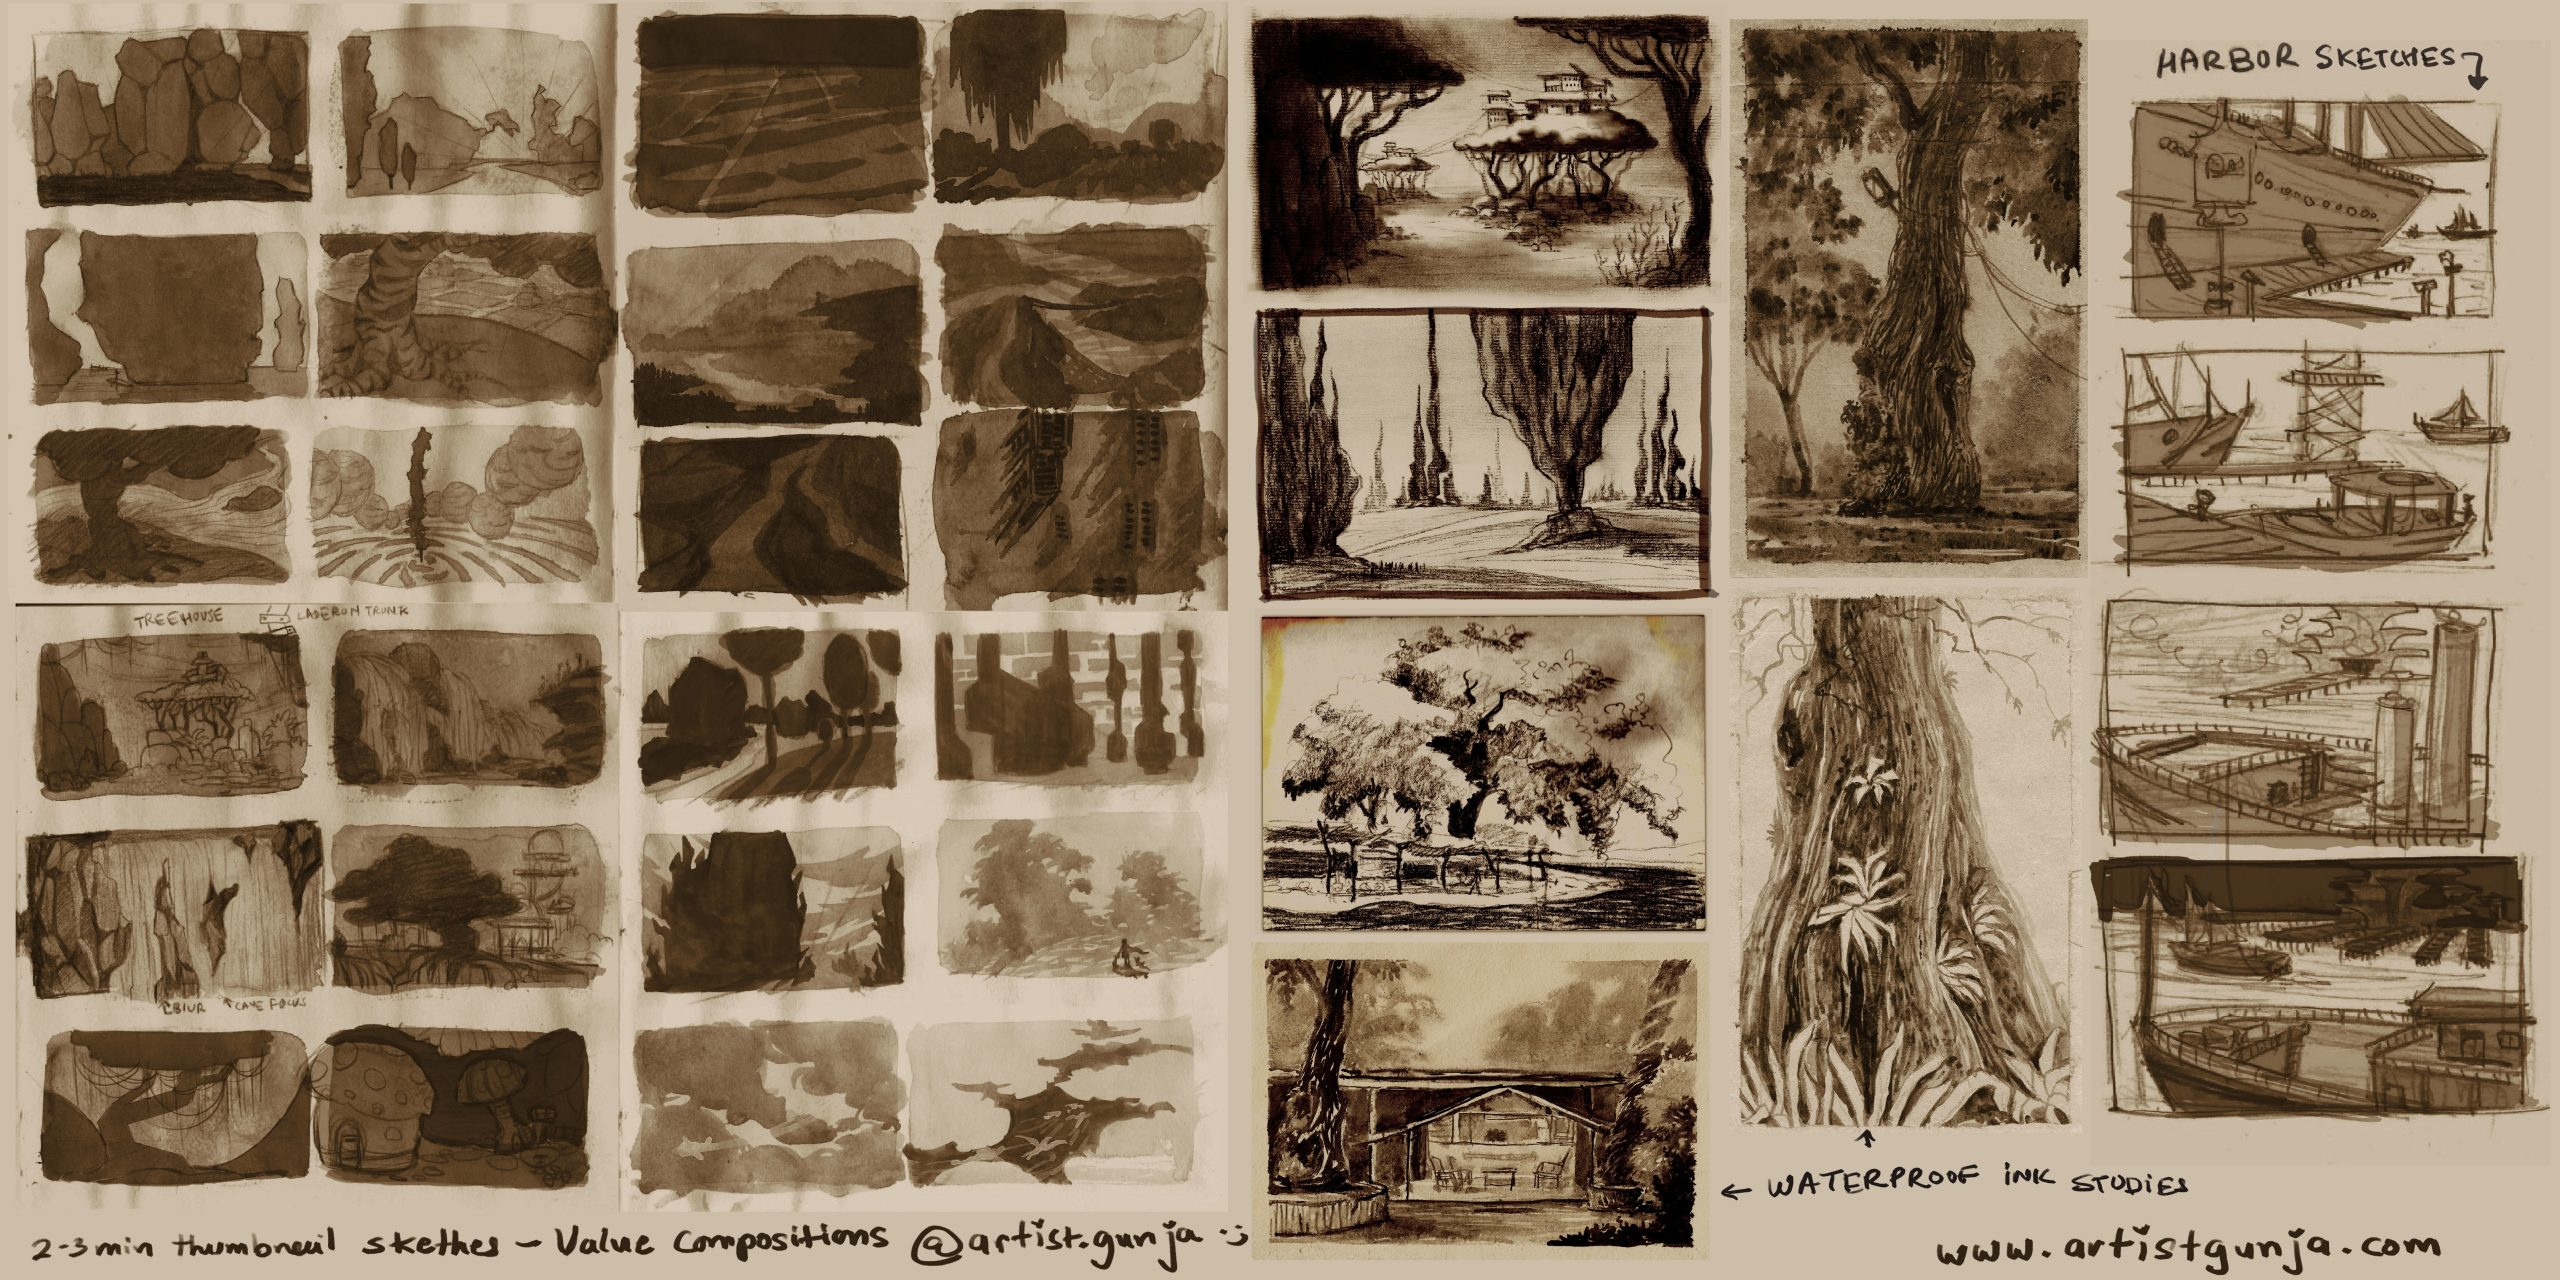 Thumbnails sketches concepts – artist gunja